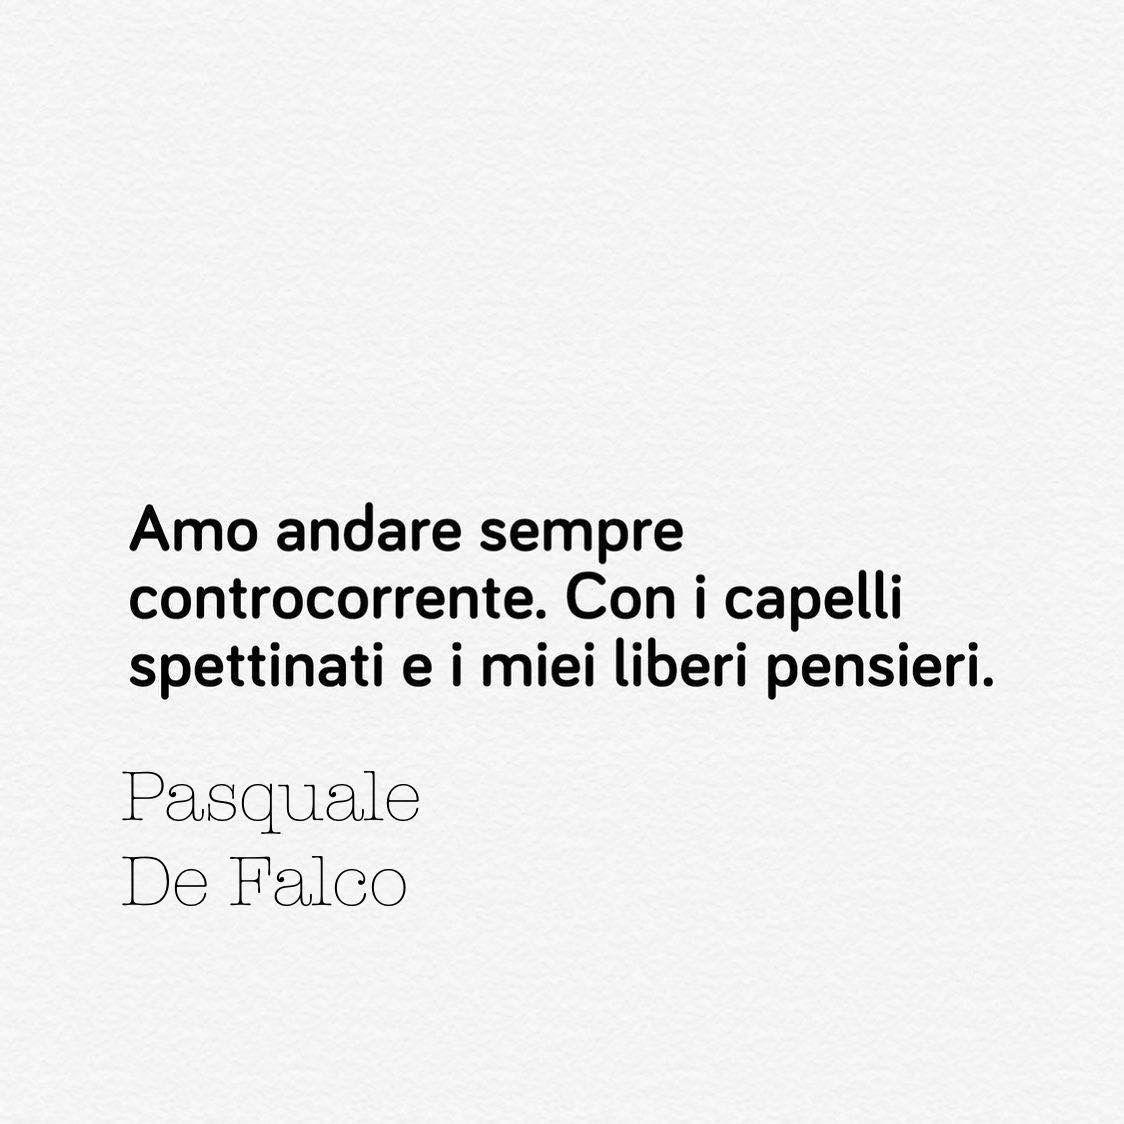 #frasi #frasibelle #frasiitaliane #citazioni